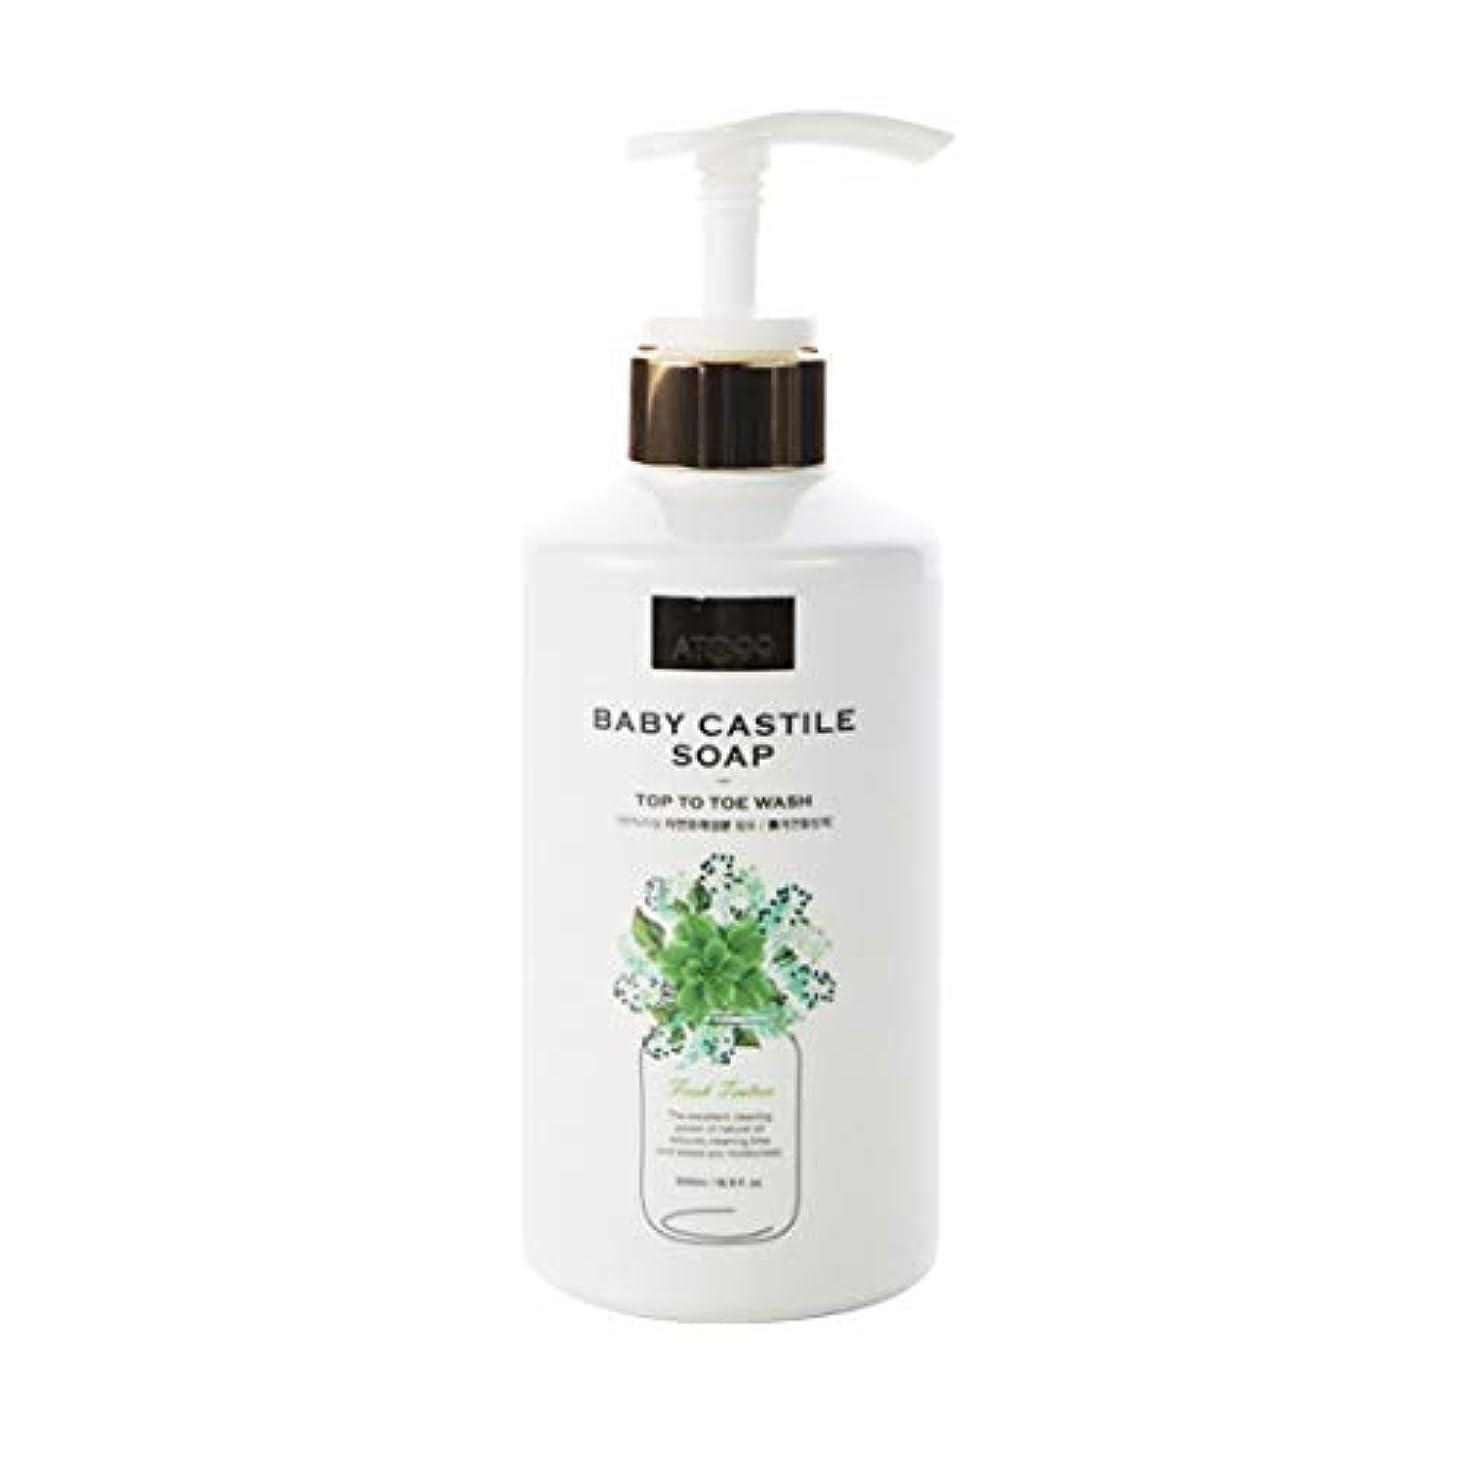 美人誘惑予約[ATO99] 赤ちゃんカスティール石鹸500ml一体となってマルチクランサー界面活性剤フリー天然成分90%以上強力な保湿乾性皮膚用すべての年齢帯使用可能 (Cypress)